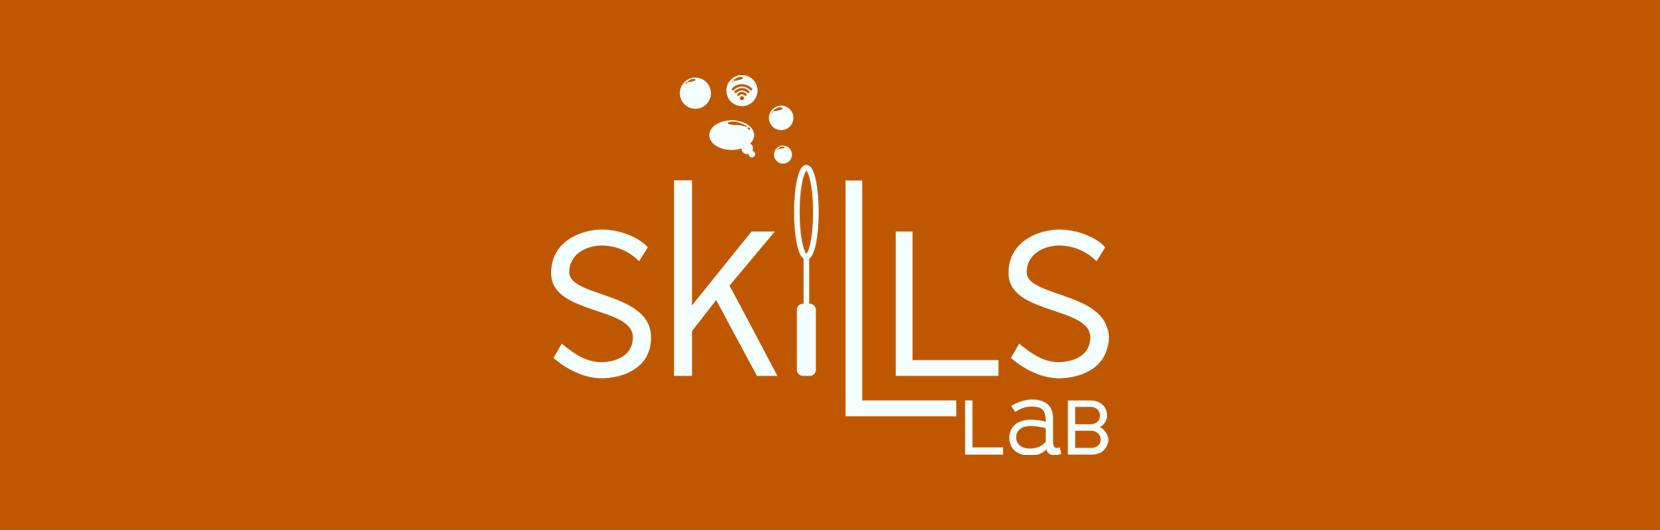 SKILLS Lab Logo